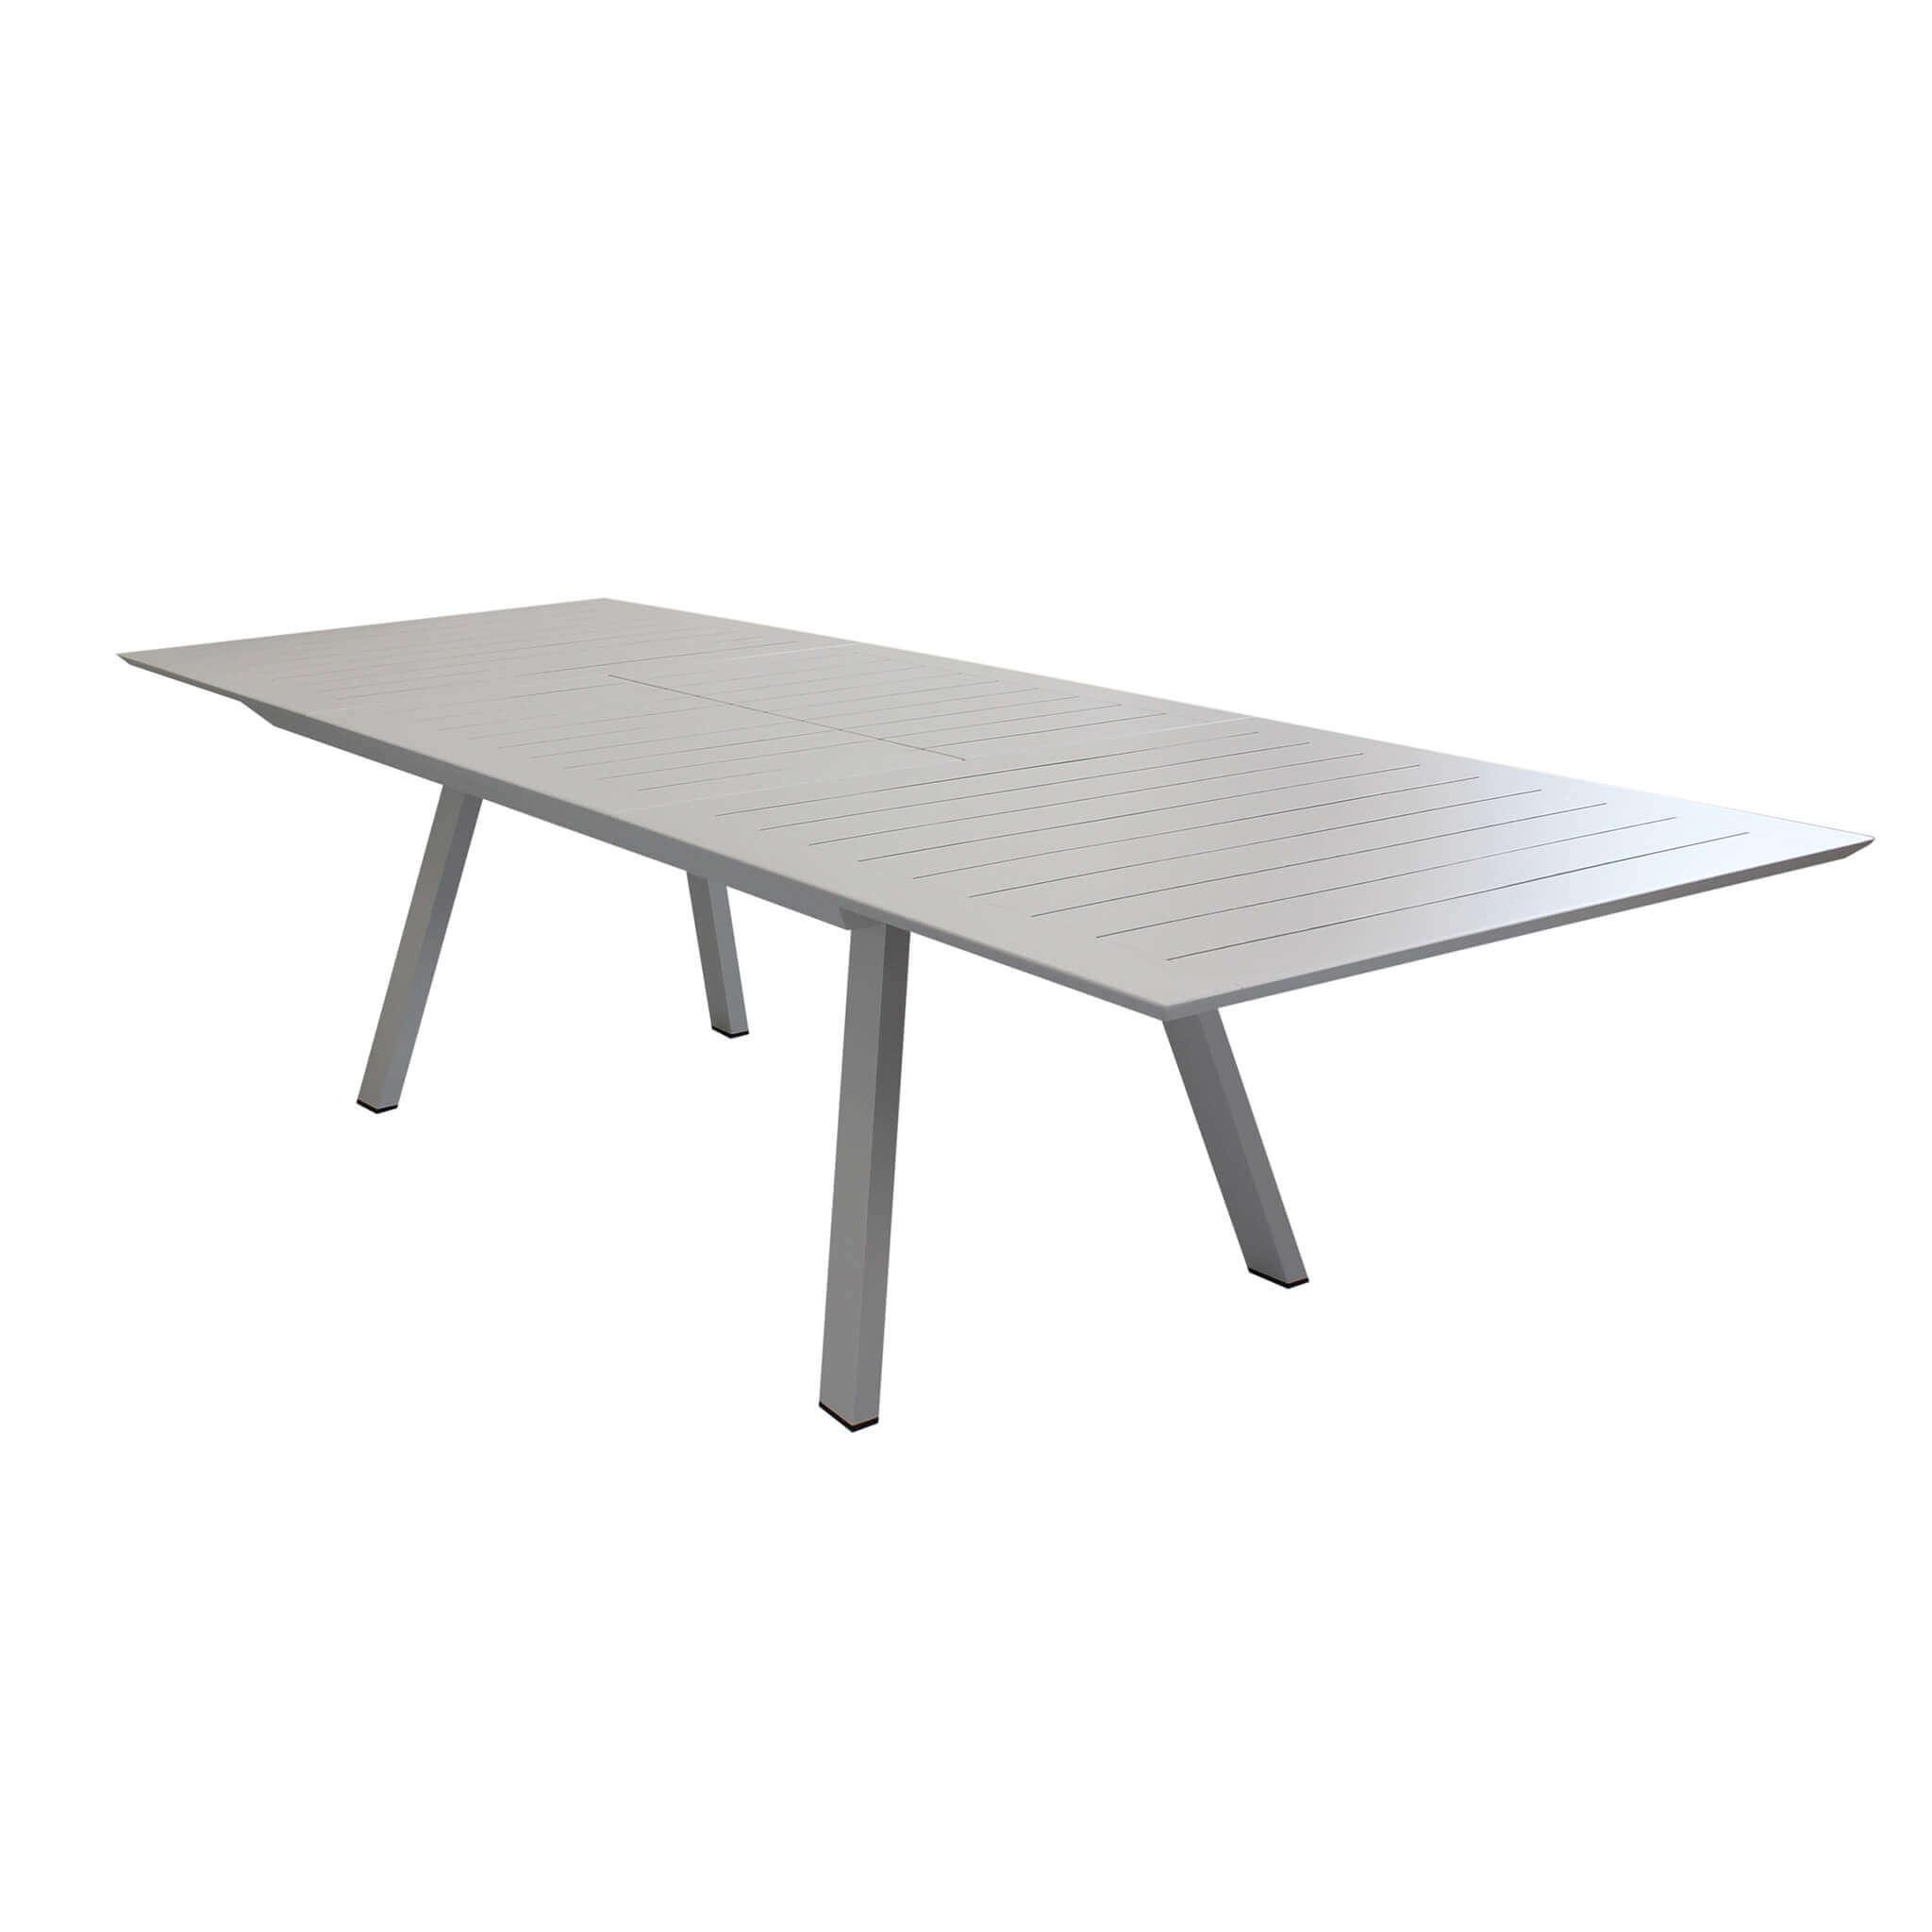 Milani Home SPLENDOR - tavolo da giardino allungabile in alluminio 200/300 x 110